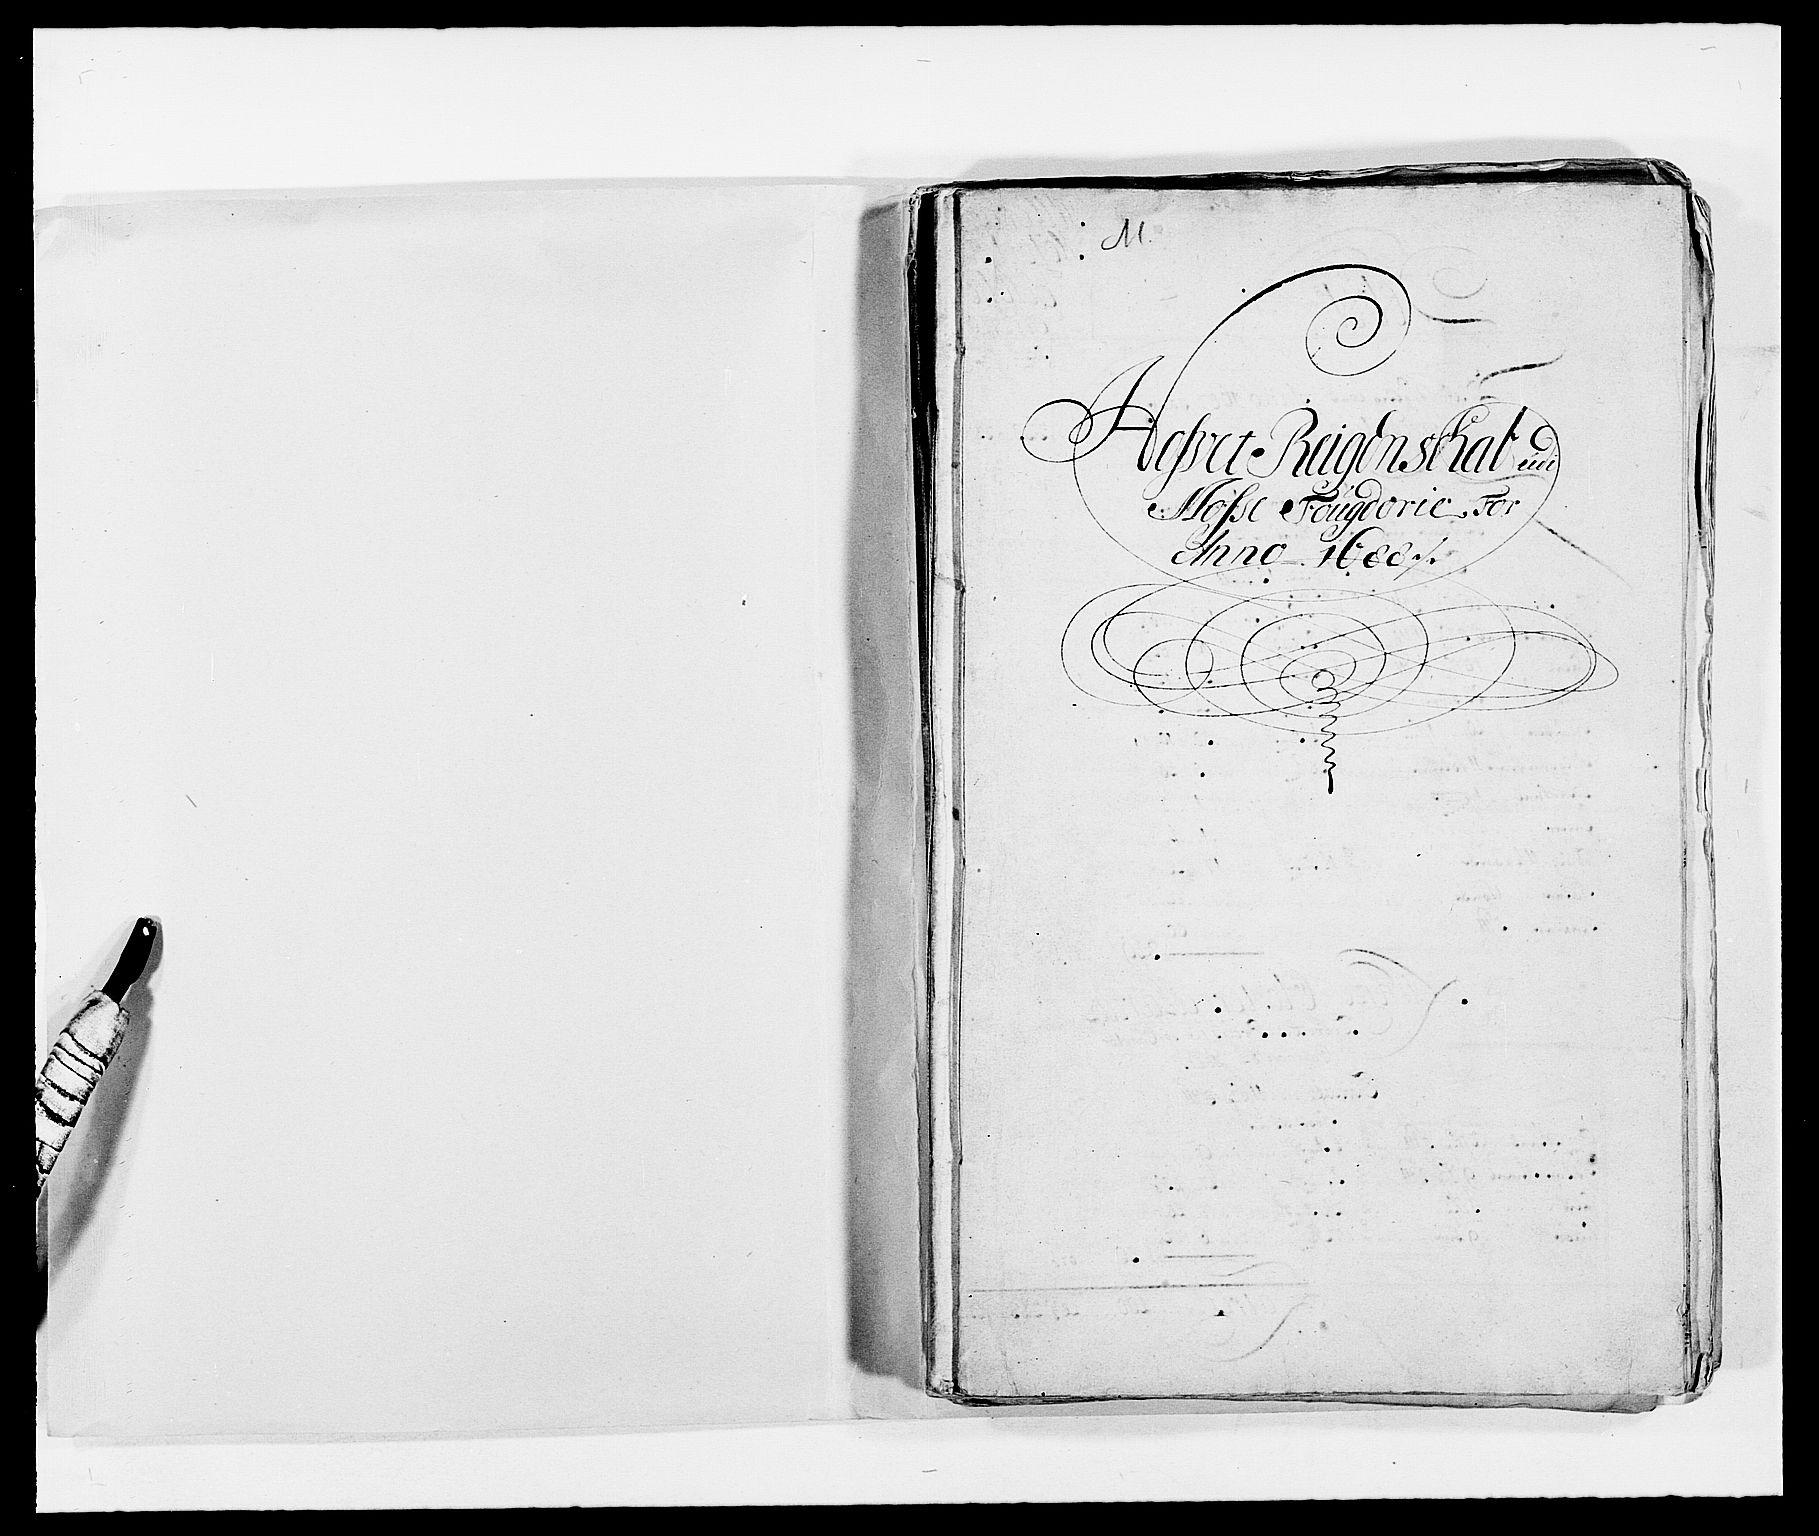 RA, Rentekammeret inntil 1814, Reviderte regnskaper, Fogderegnskap, R02/L0106: Fogderegnskap Moss og Verne kloster, 1688-1691, s. 2